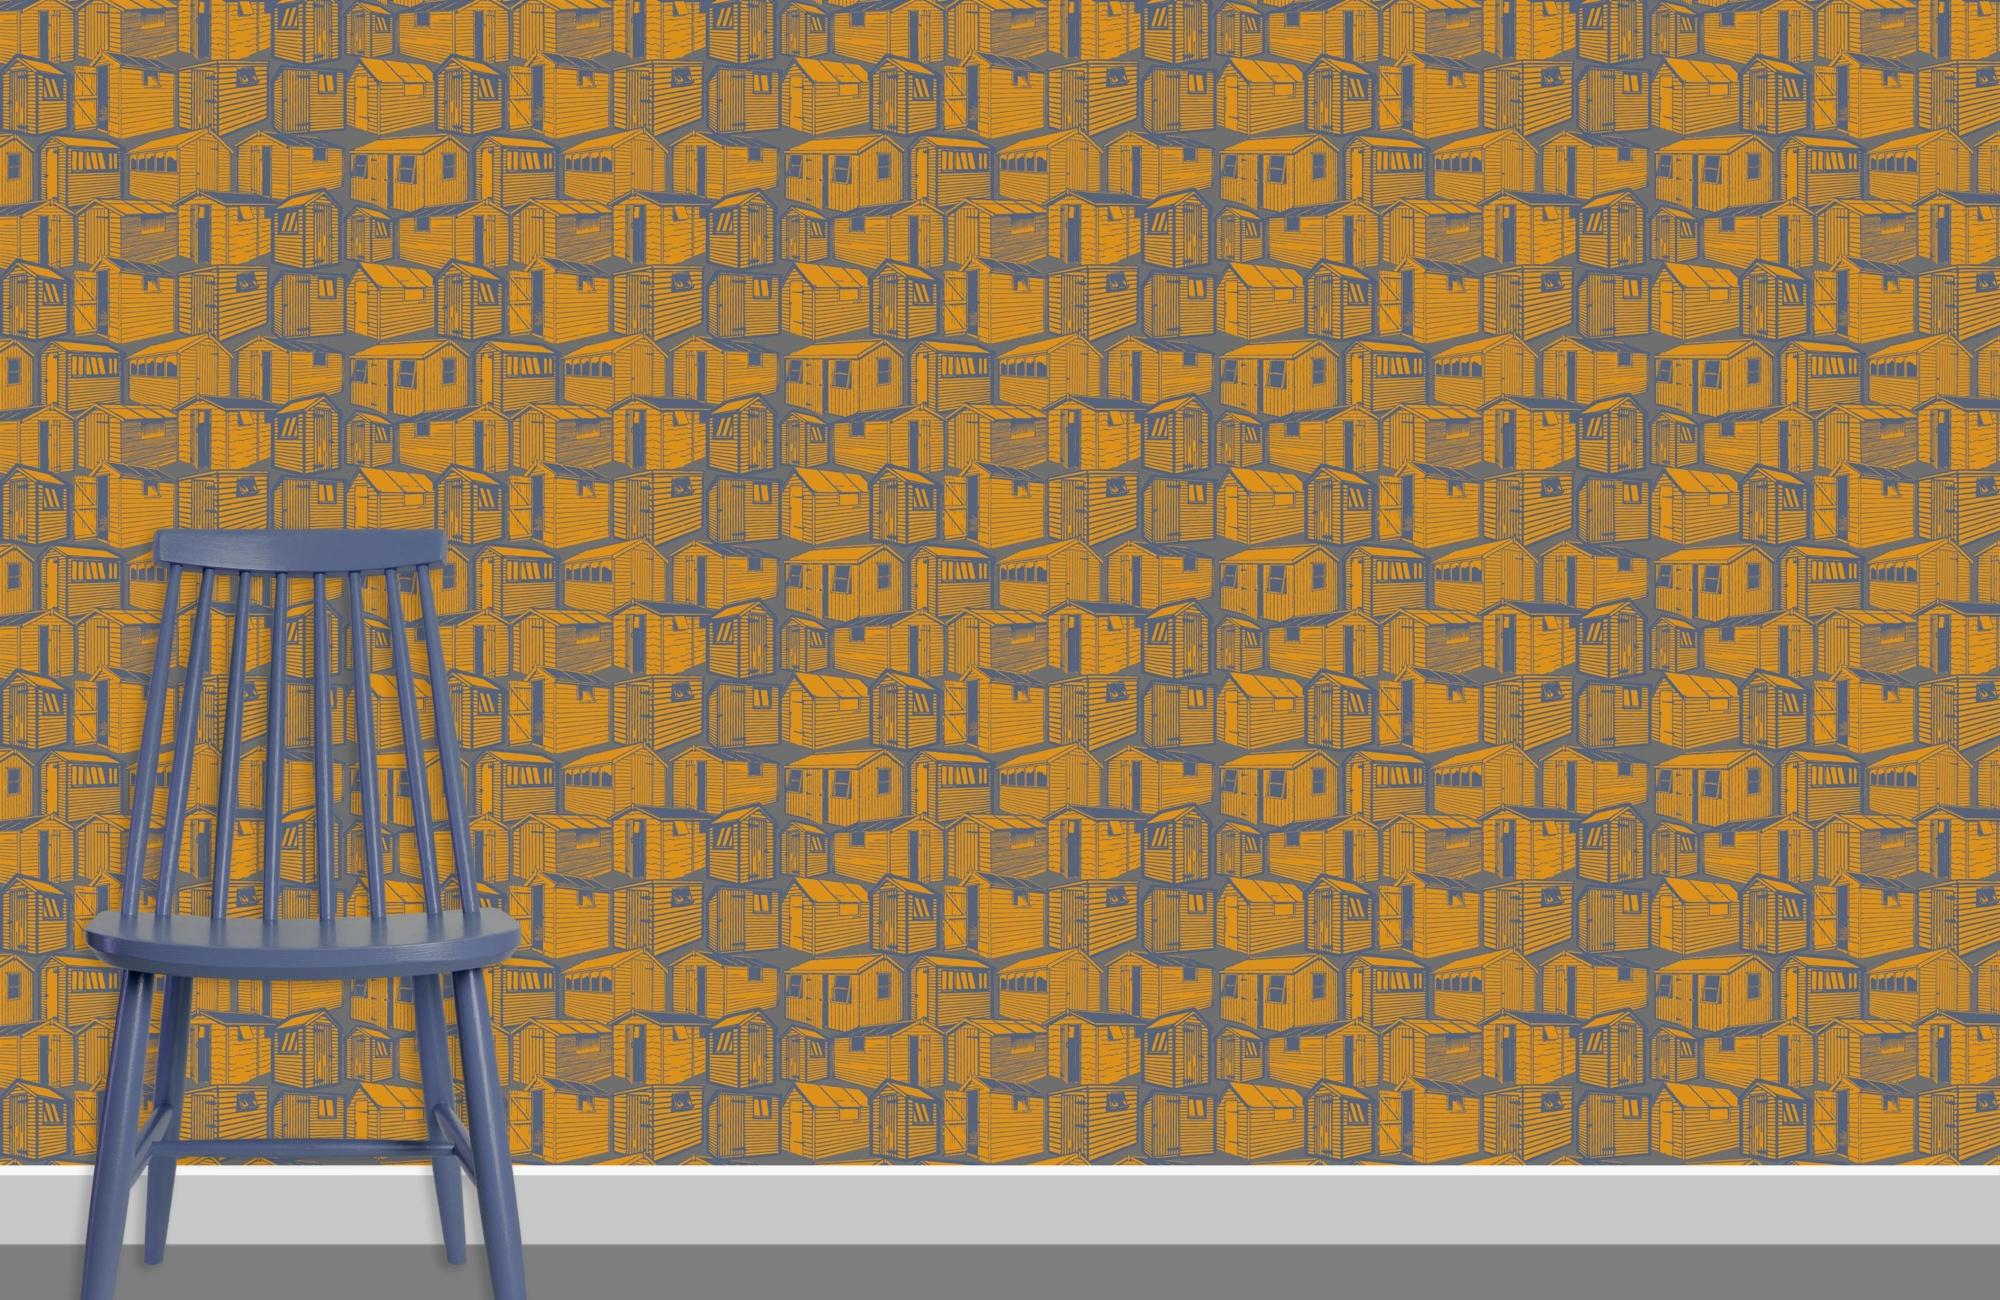 Sheds Pattern Design N12on8 1